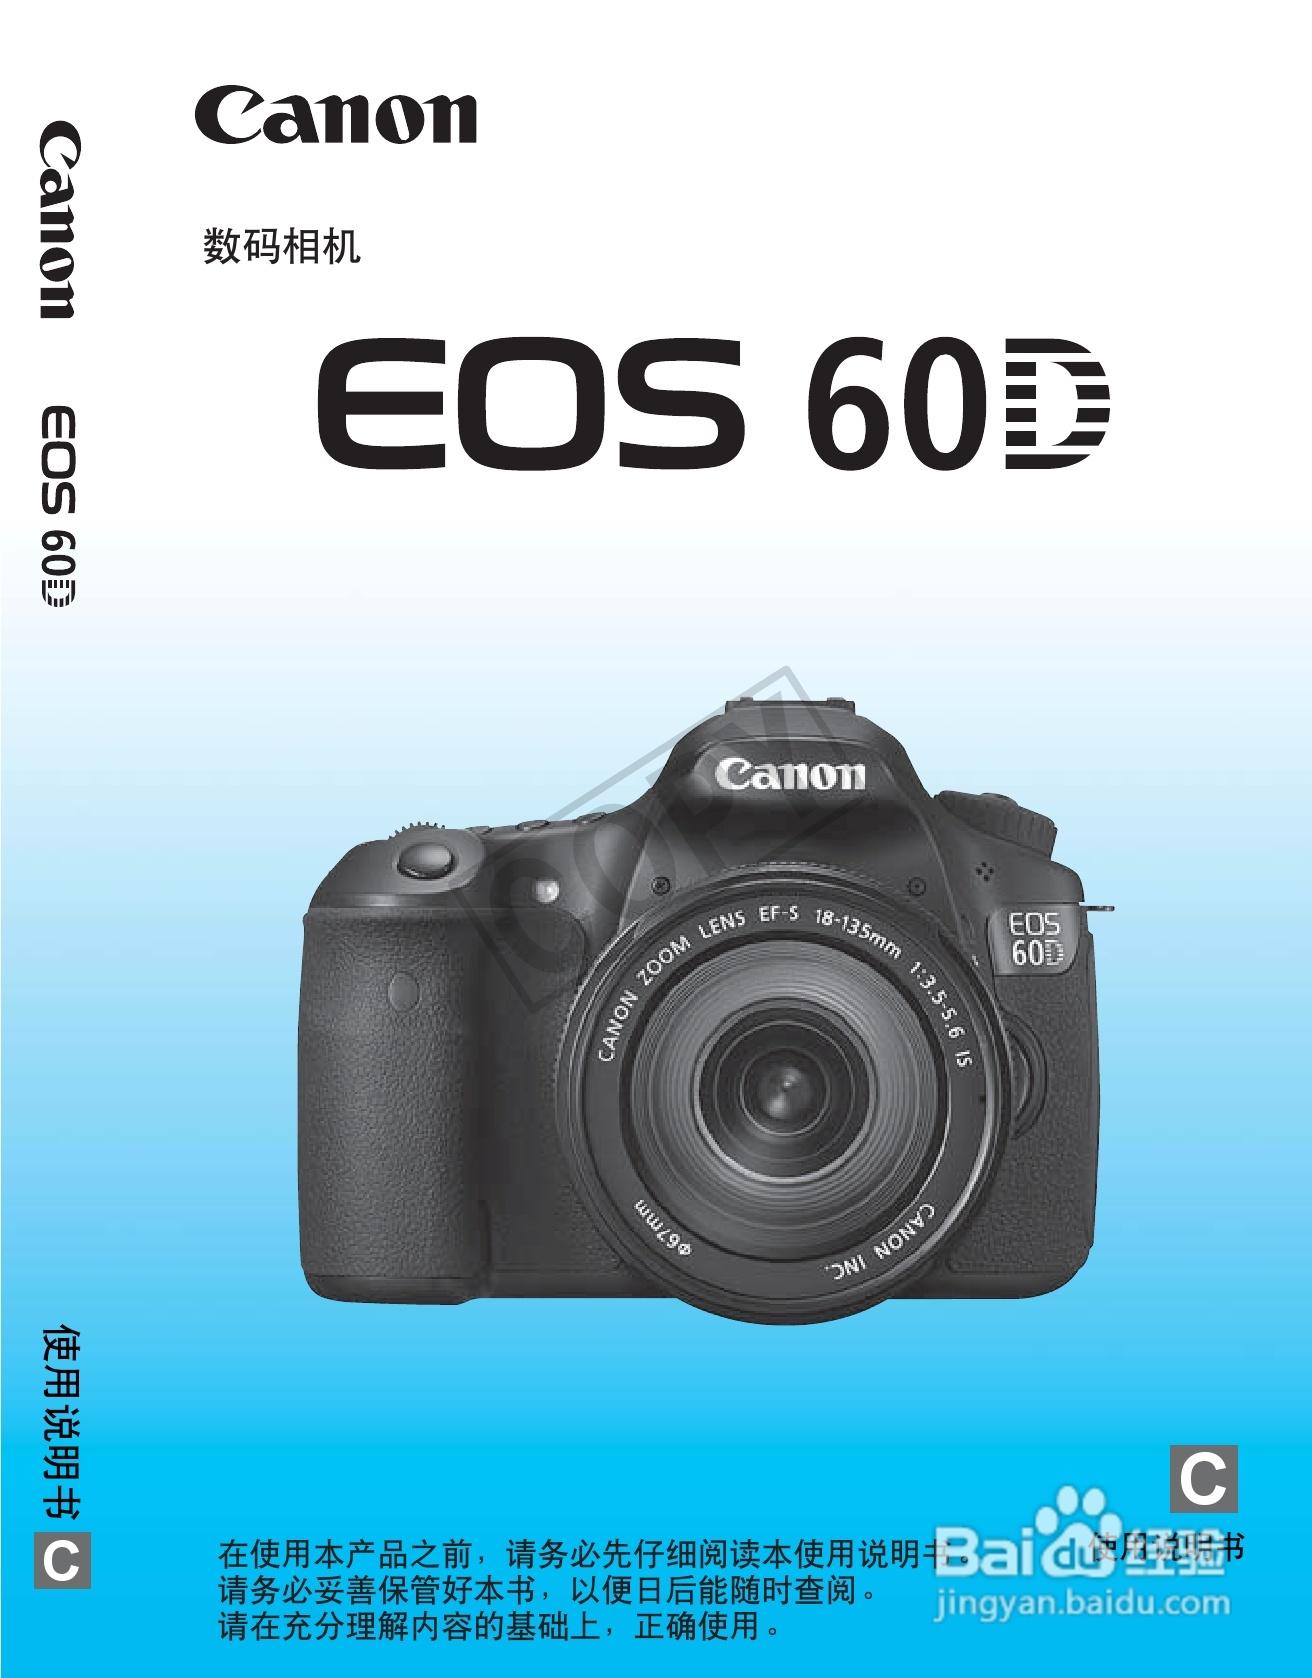 佳能eos 60d数码相机使用说明书:[1]